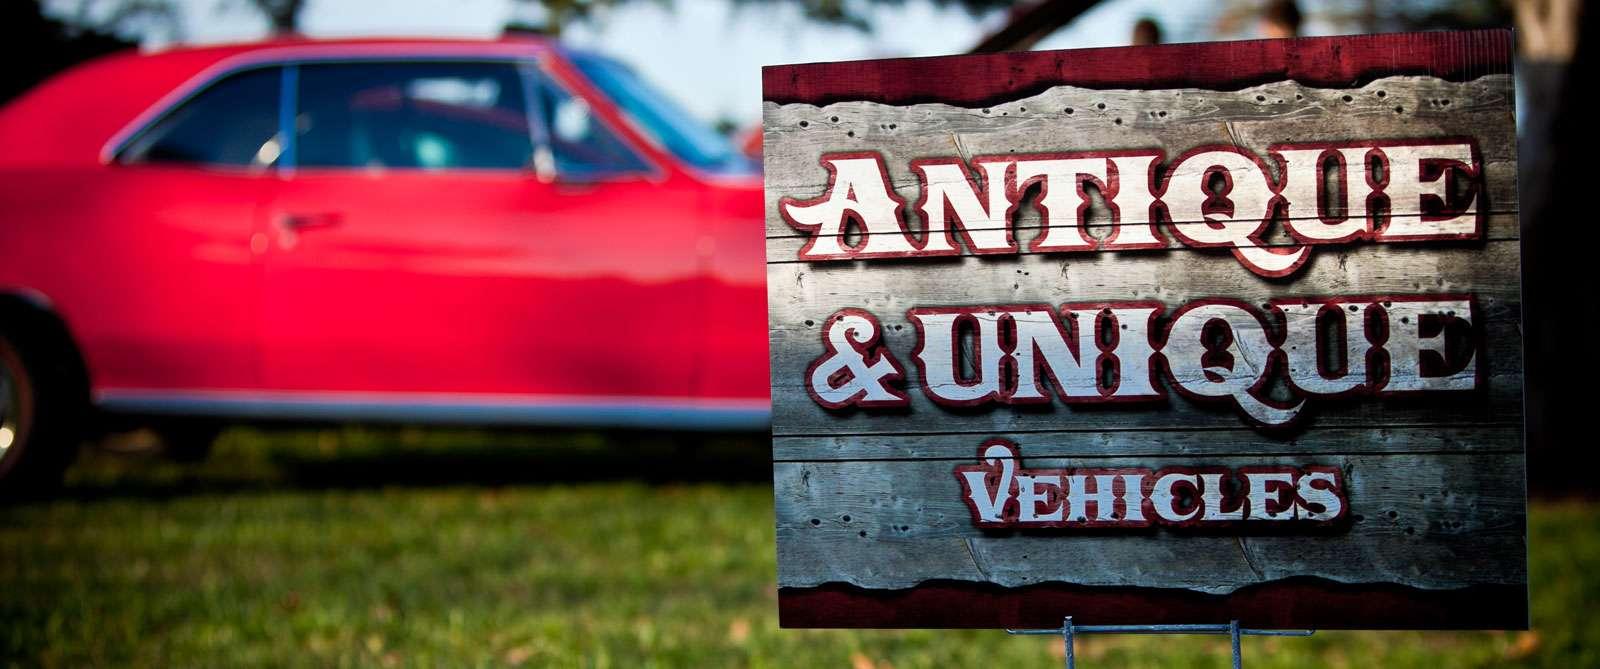 antique-car-sign